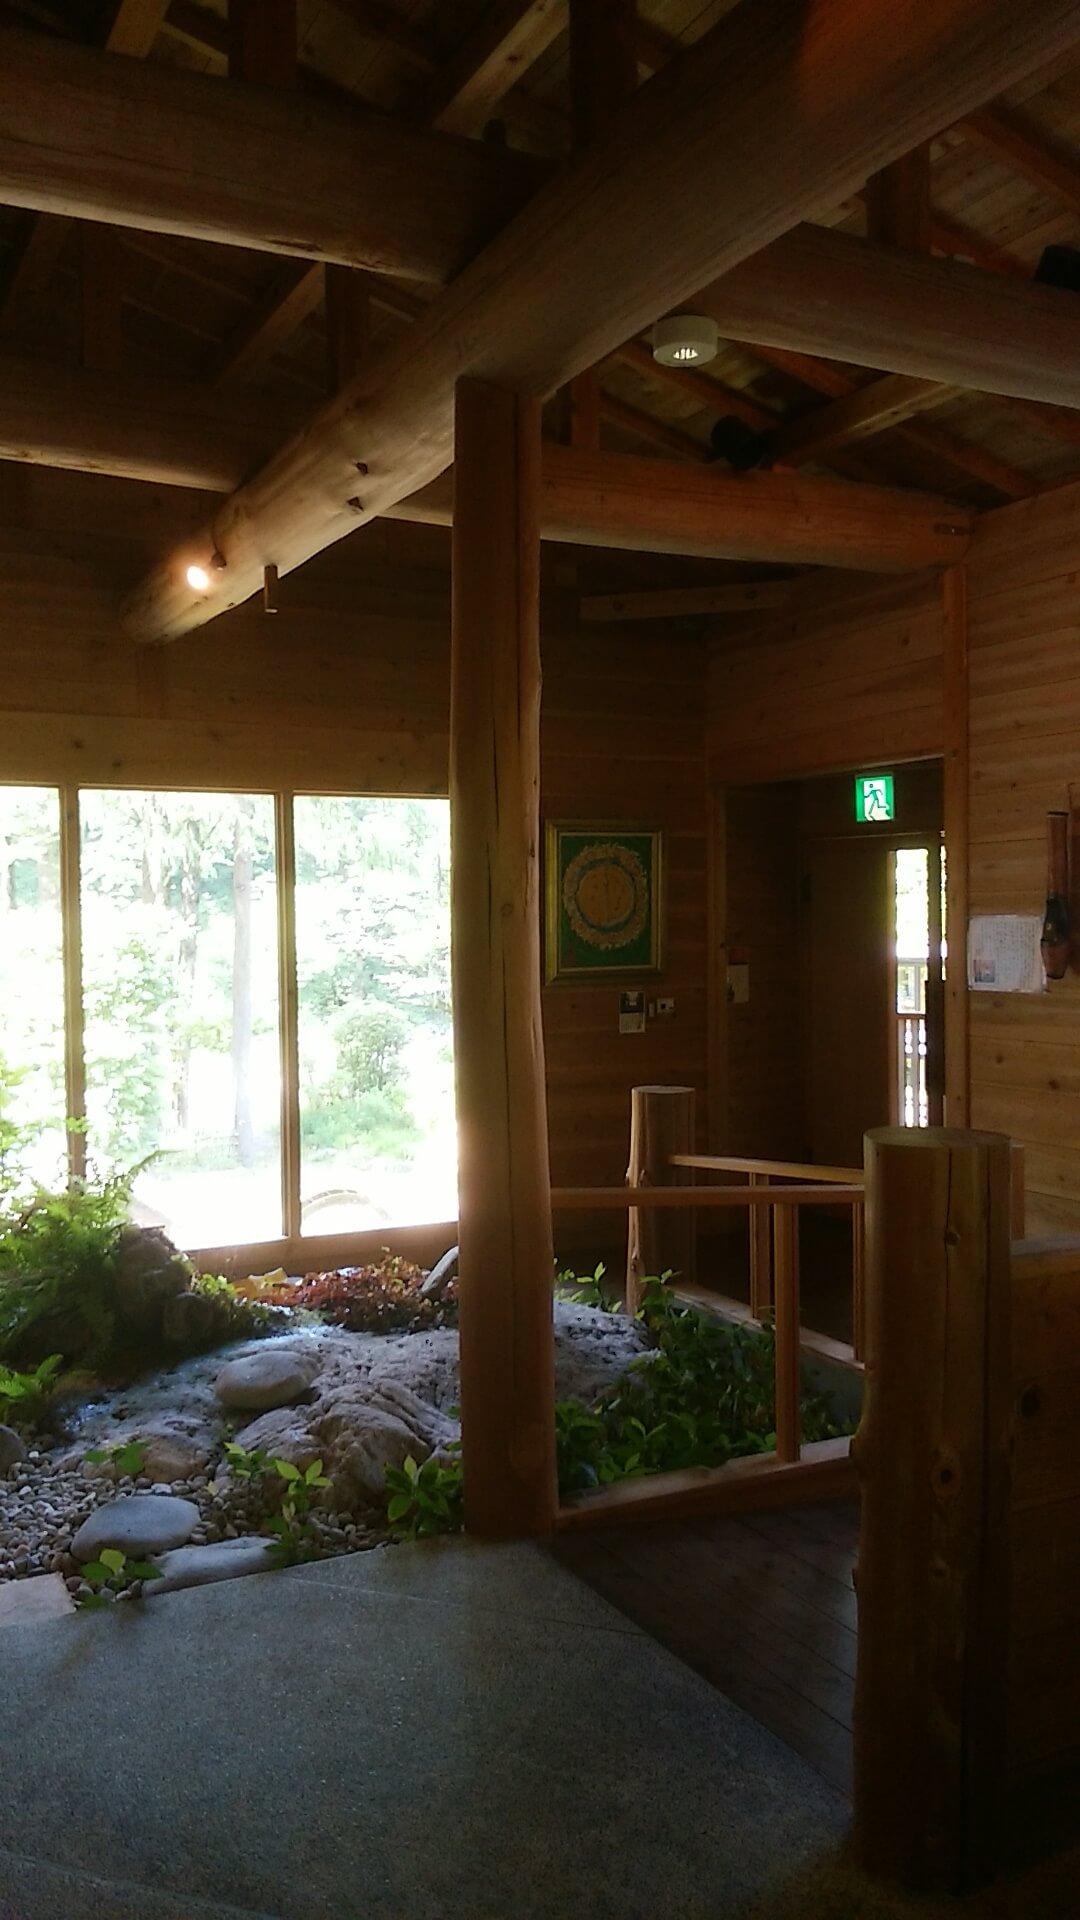 嵐渓荘山の湯内装